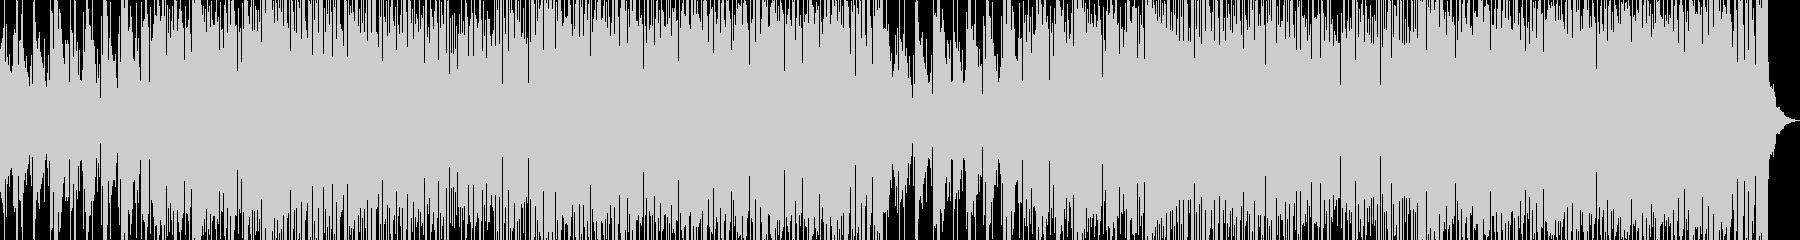 ノリ良いサックスの明るいEDM の未再生の波形